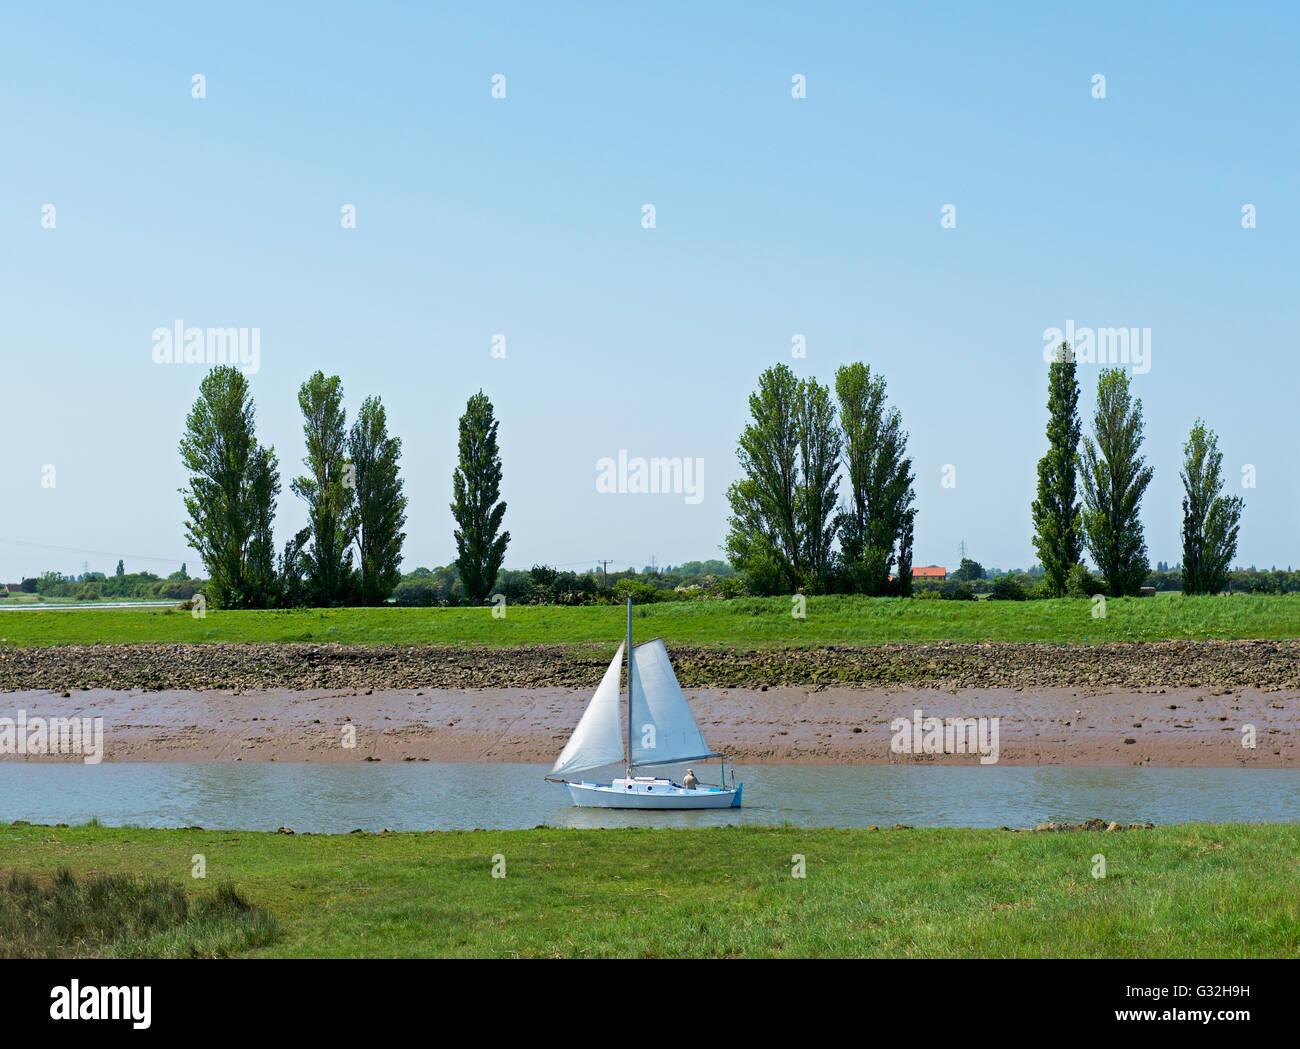 Bateau à voile sur la rivière Haven, près de Boston, Lincolnshire, Angleterre, Royaume-Uni Photo Stock